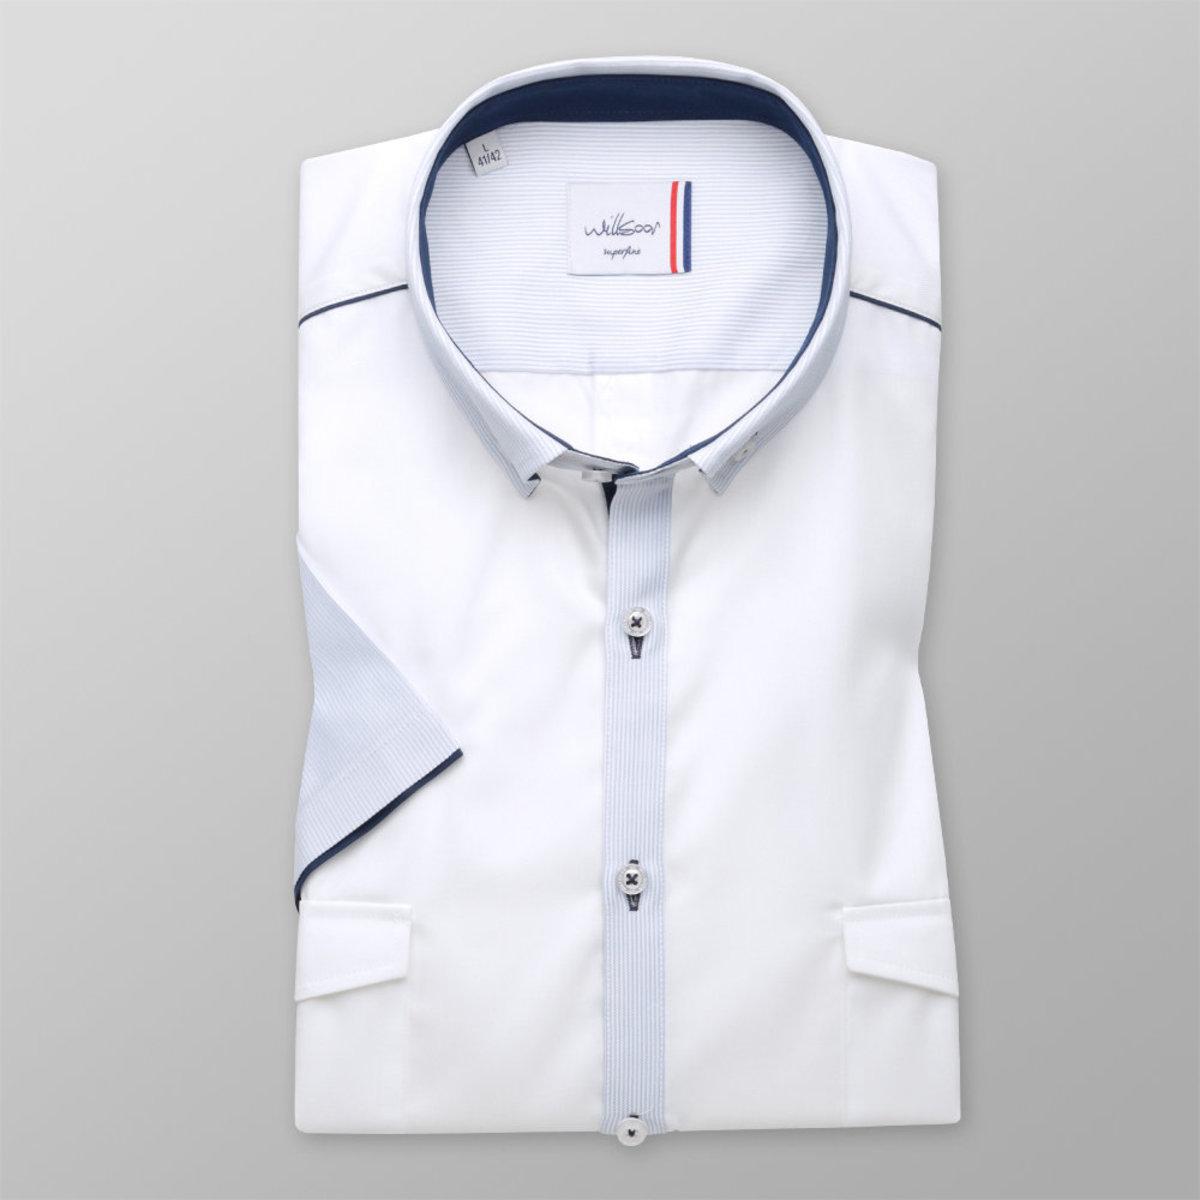 Košeľa klasická biela s modrými prvkami (výška 176 - 182) 10875 176-182 / XXL (45/46)